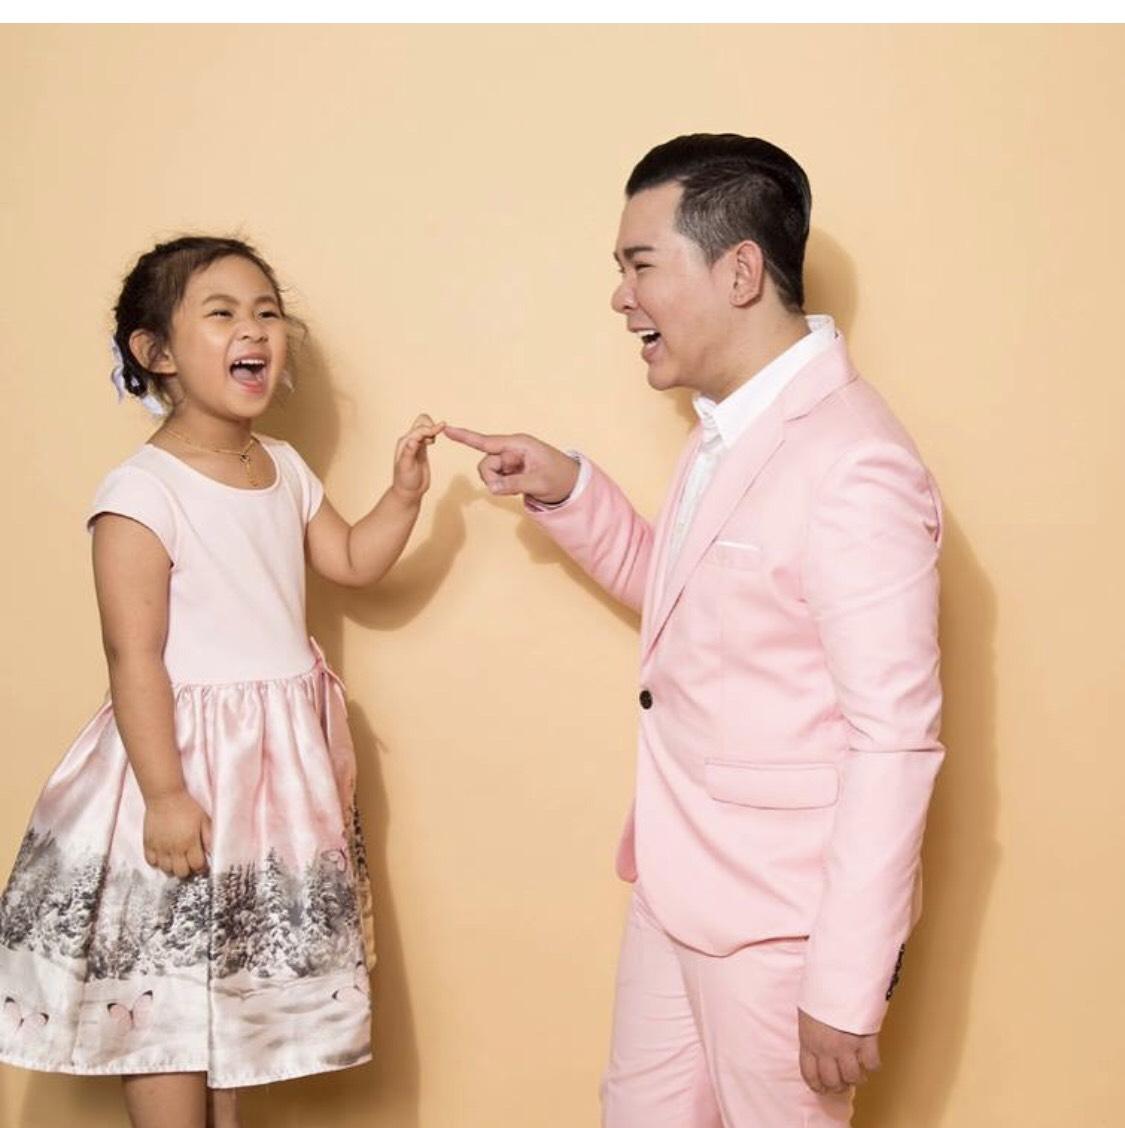 เคพีเอ็น และลูกสาว น้องอันนา (2)